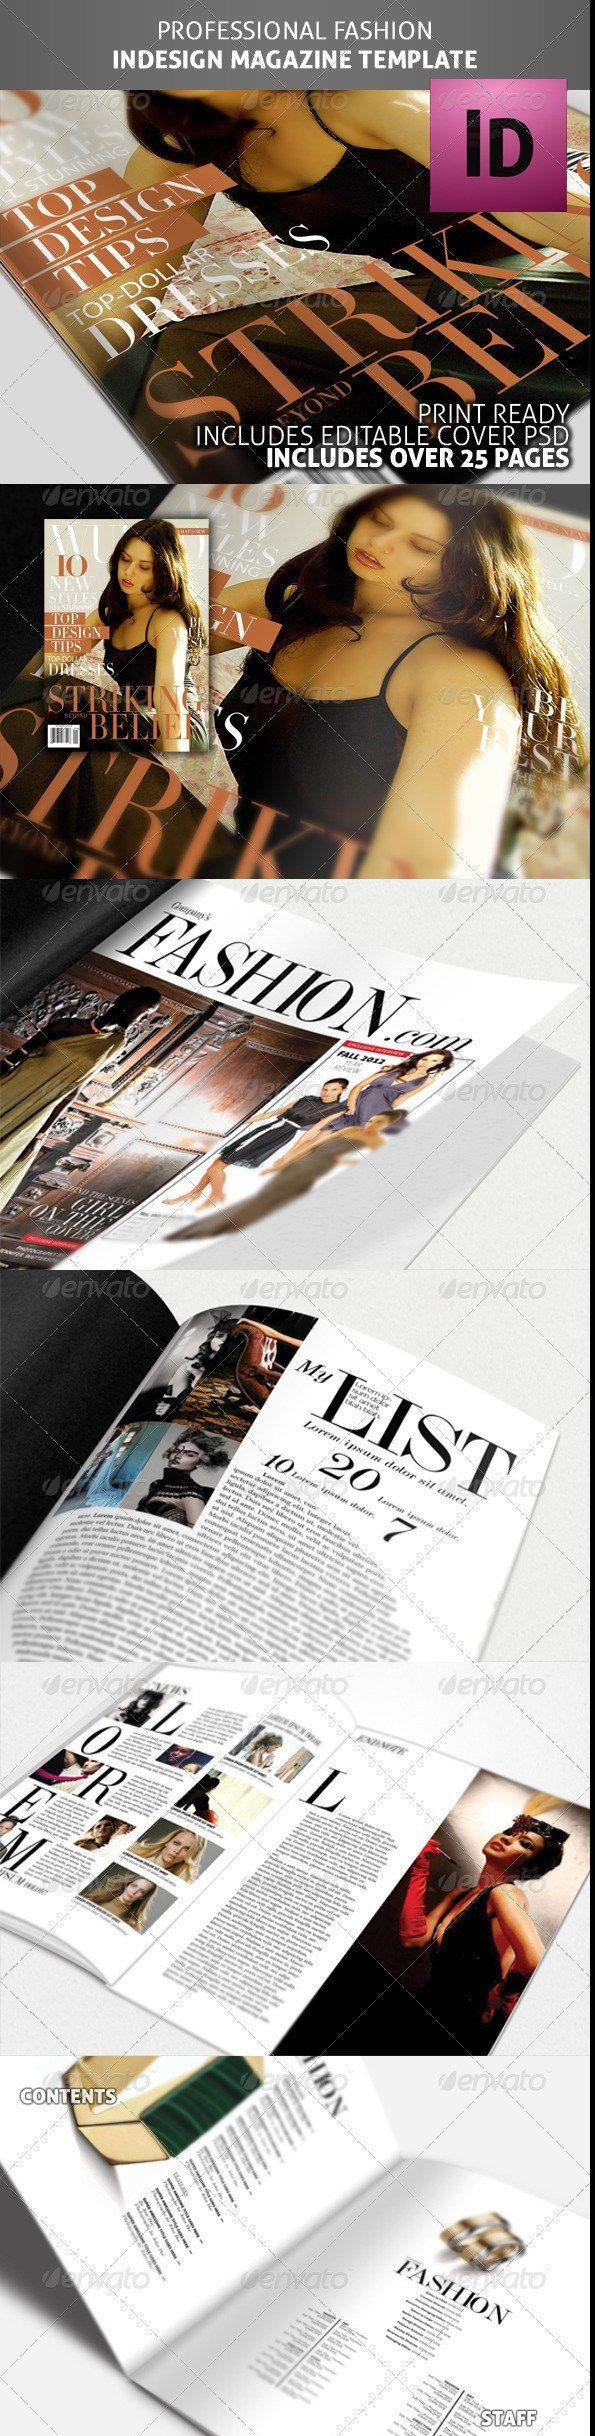 Mejores 61 imágenes de Templates en Pinterest | Plantilla de página ...